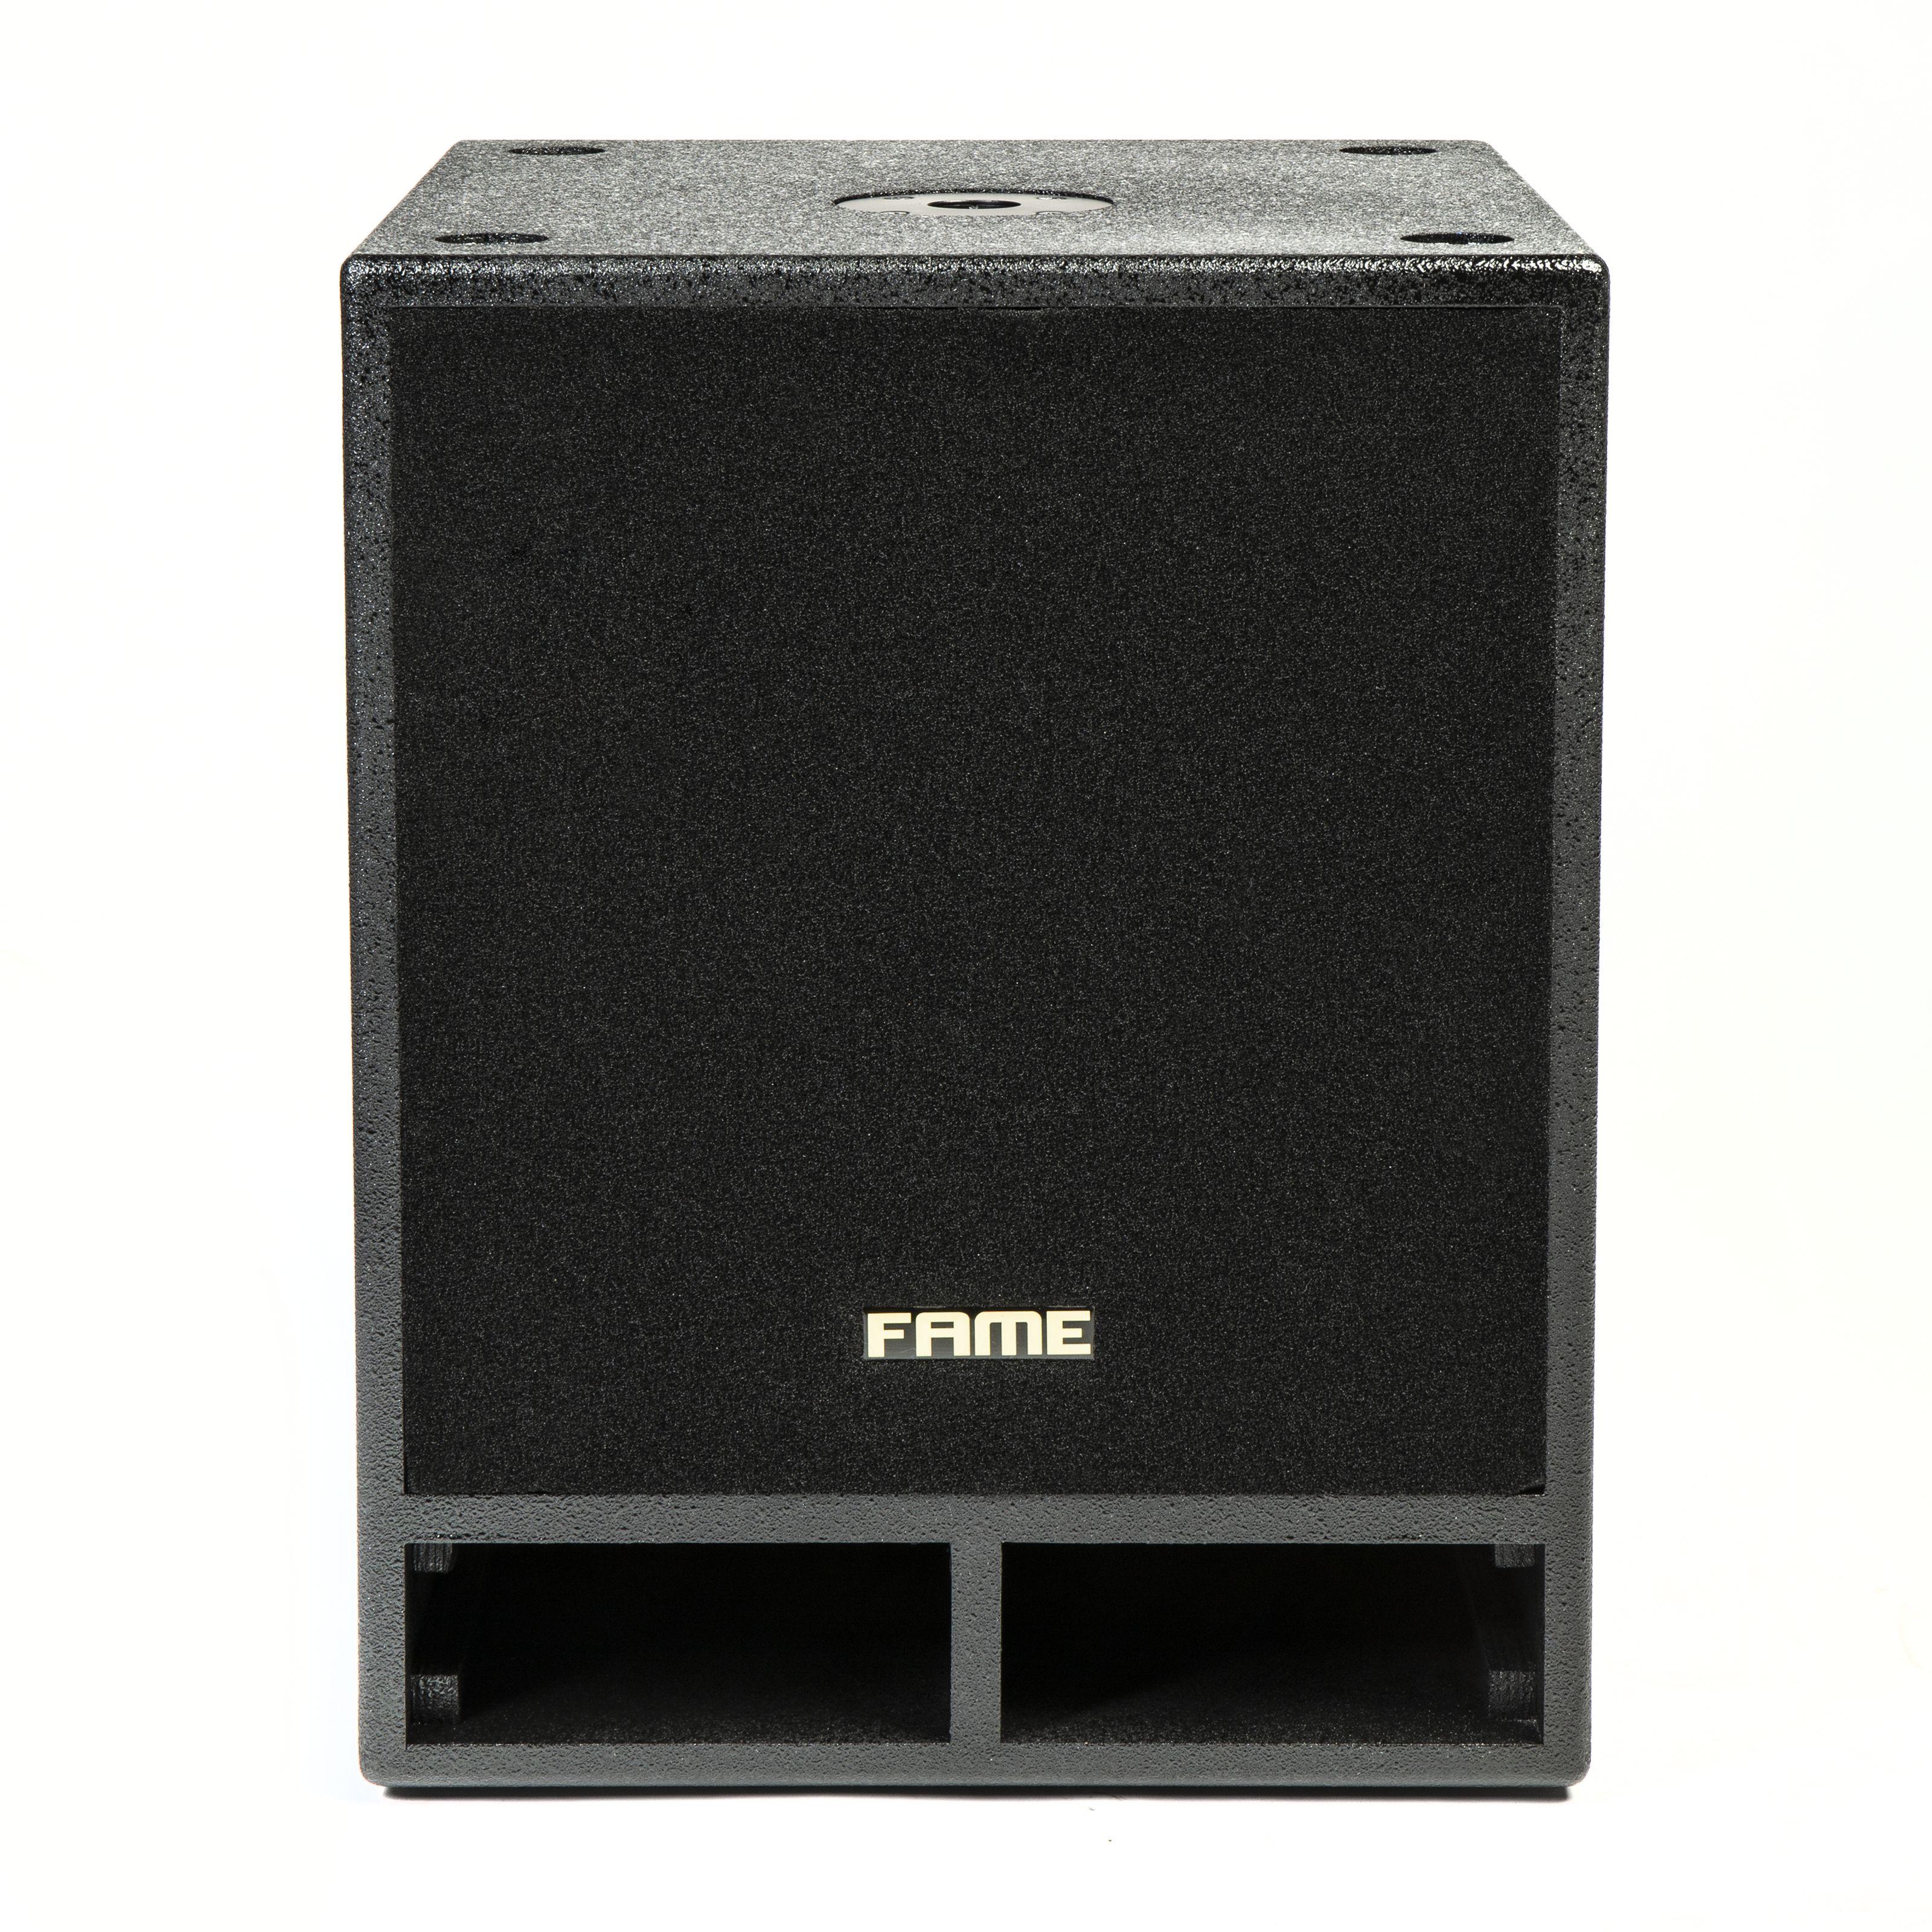 Fame Audio - MT-115B 15 Subwoofer, 500W/8Ohm R-15B